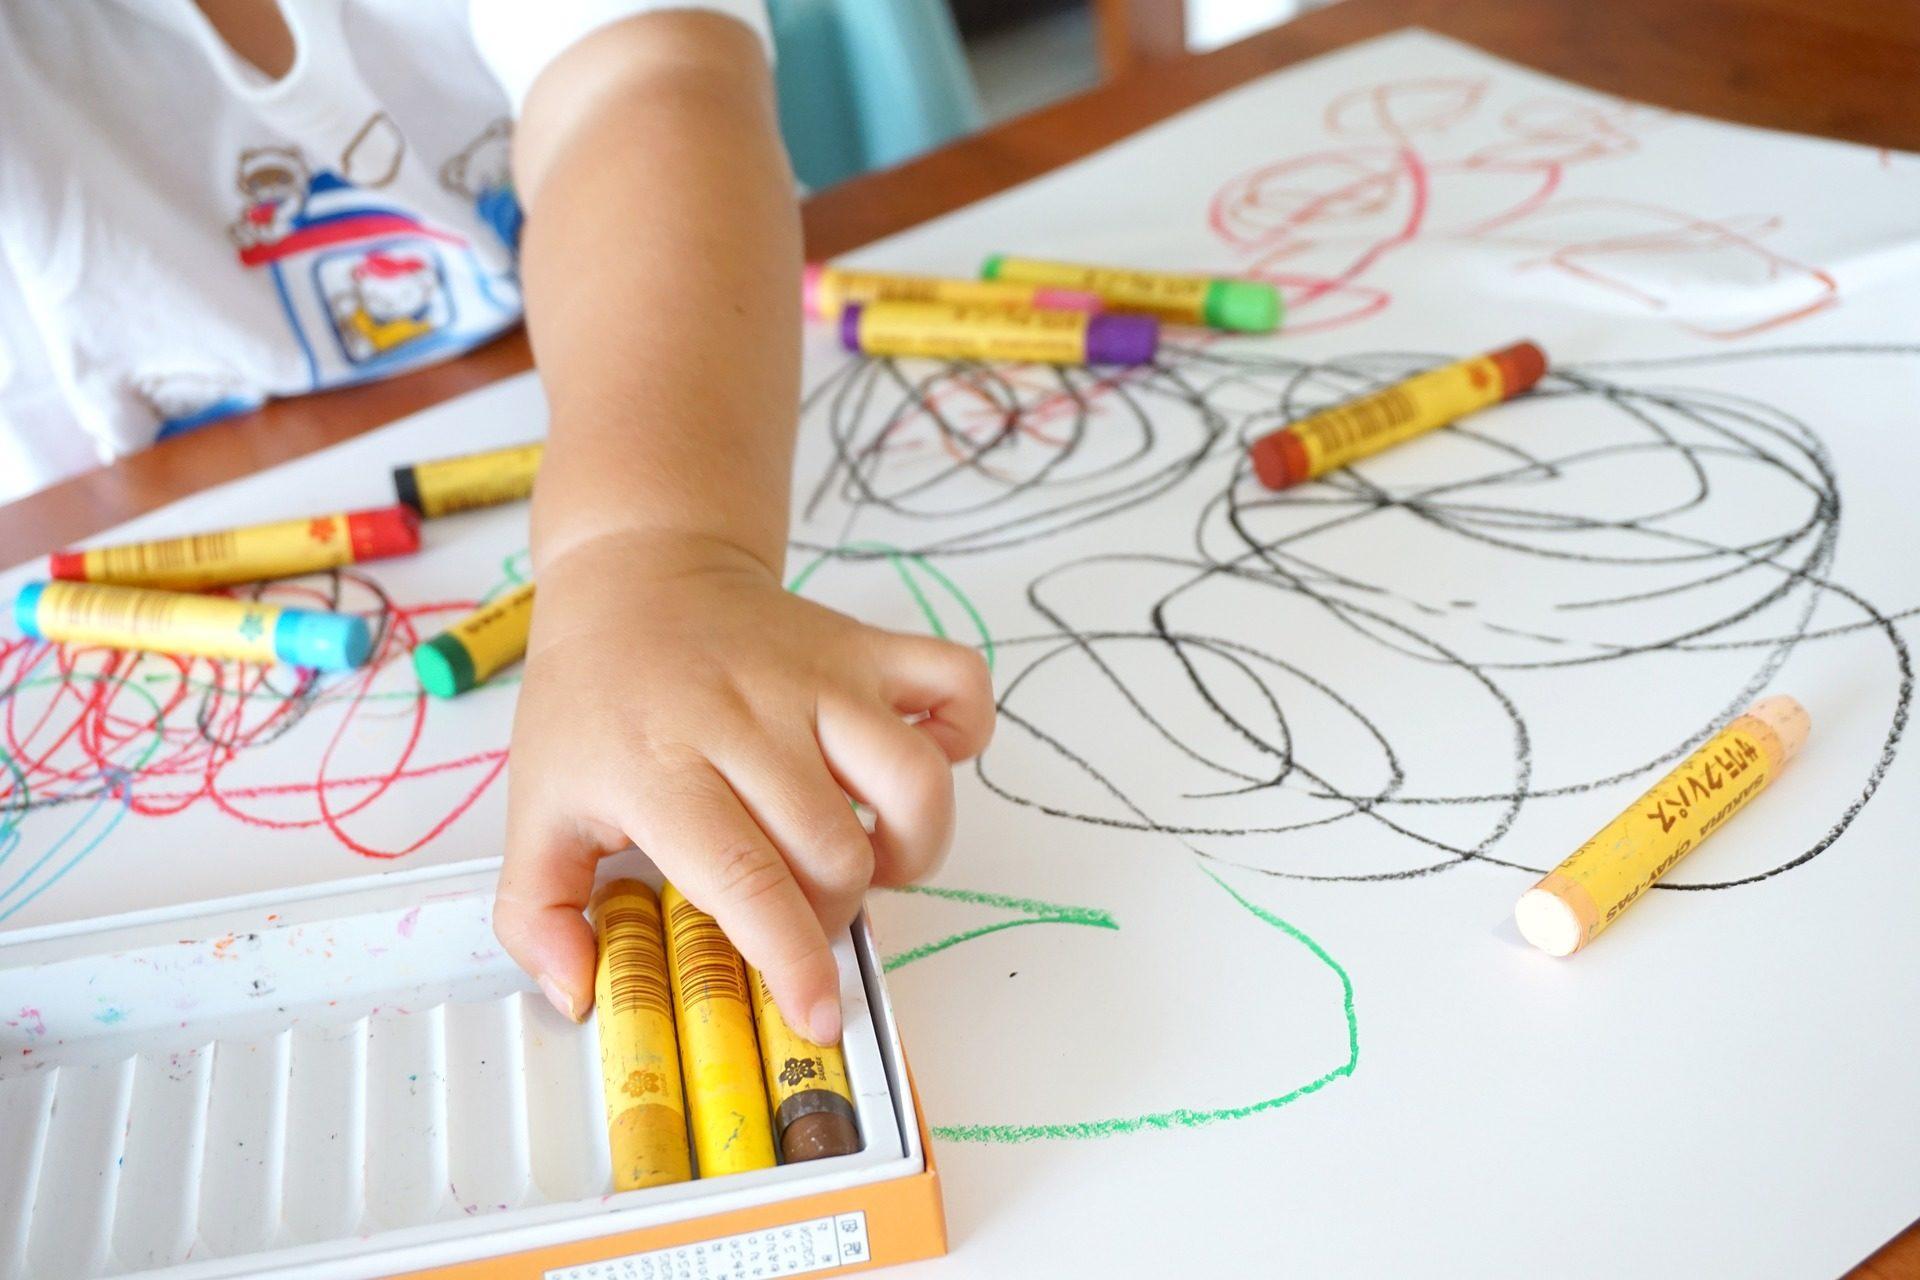 colores, pinturas, dibujo, mano, niño, ceras - Fondos de Pantalla HD - professor-falken.com